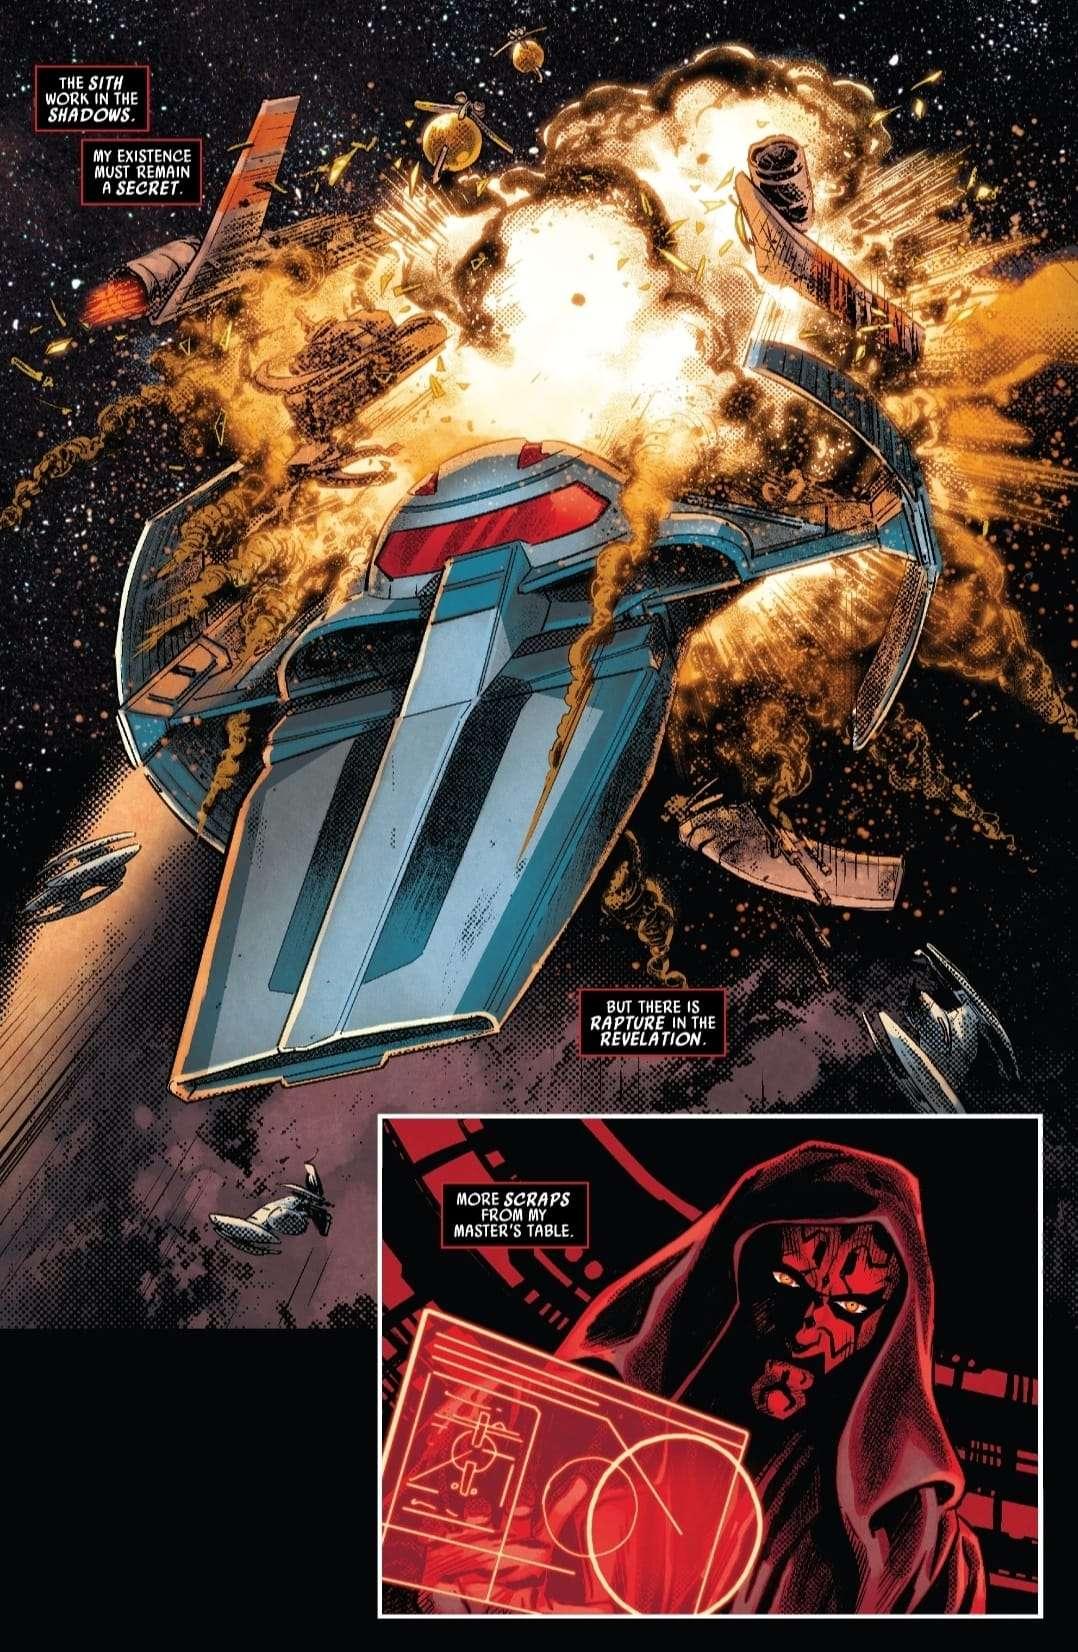 , Darth Maul: echi e paradossi tra fumetto Canon e Legends – Parte 2, Star Wars Addicted